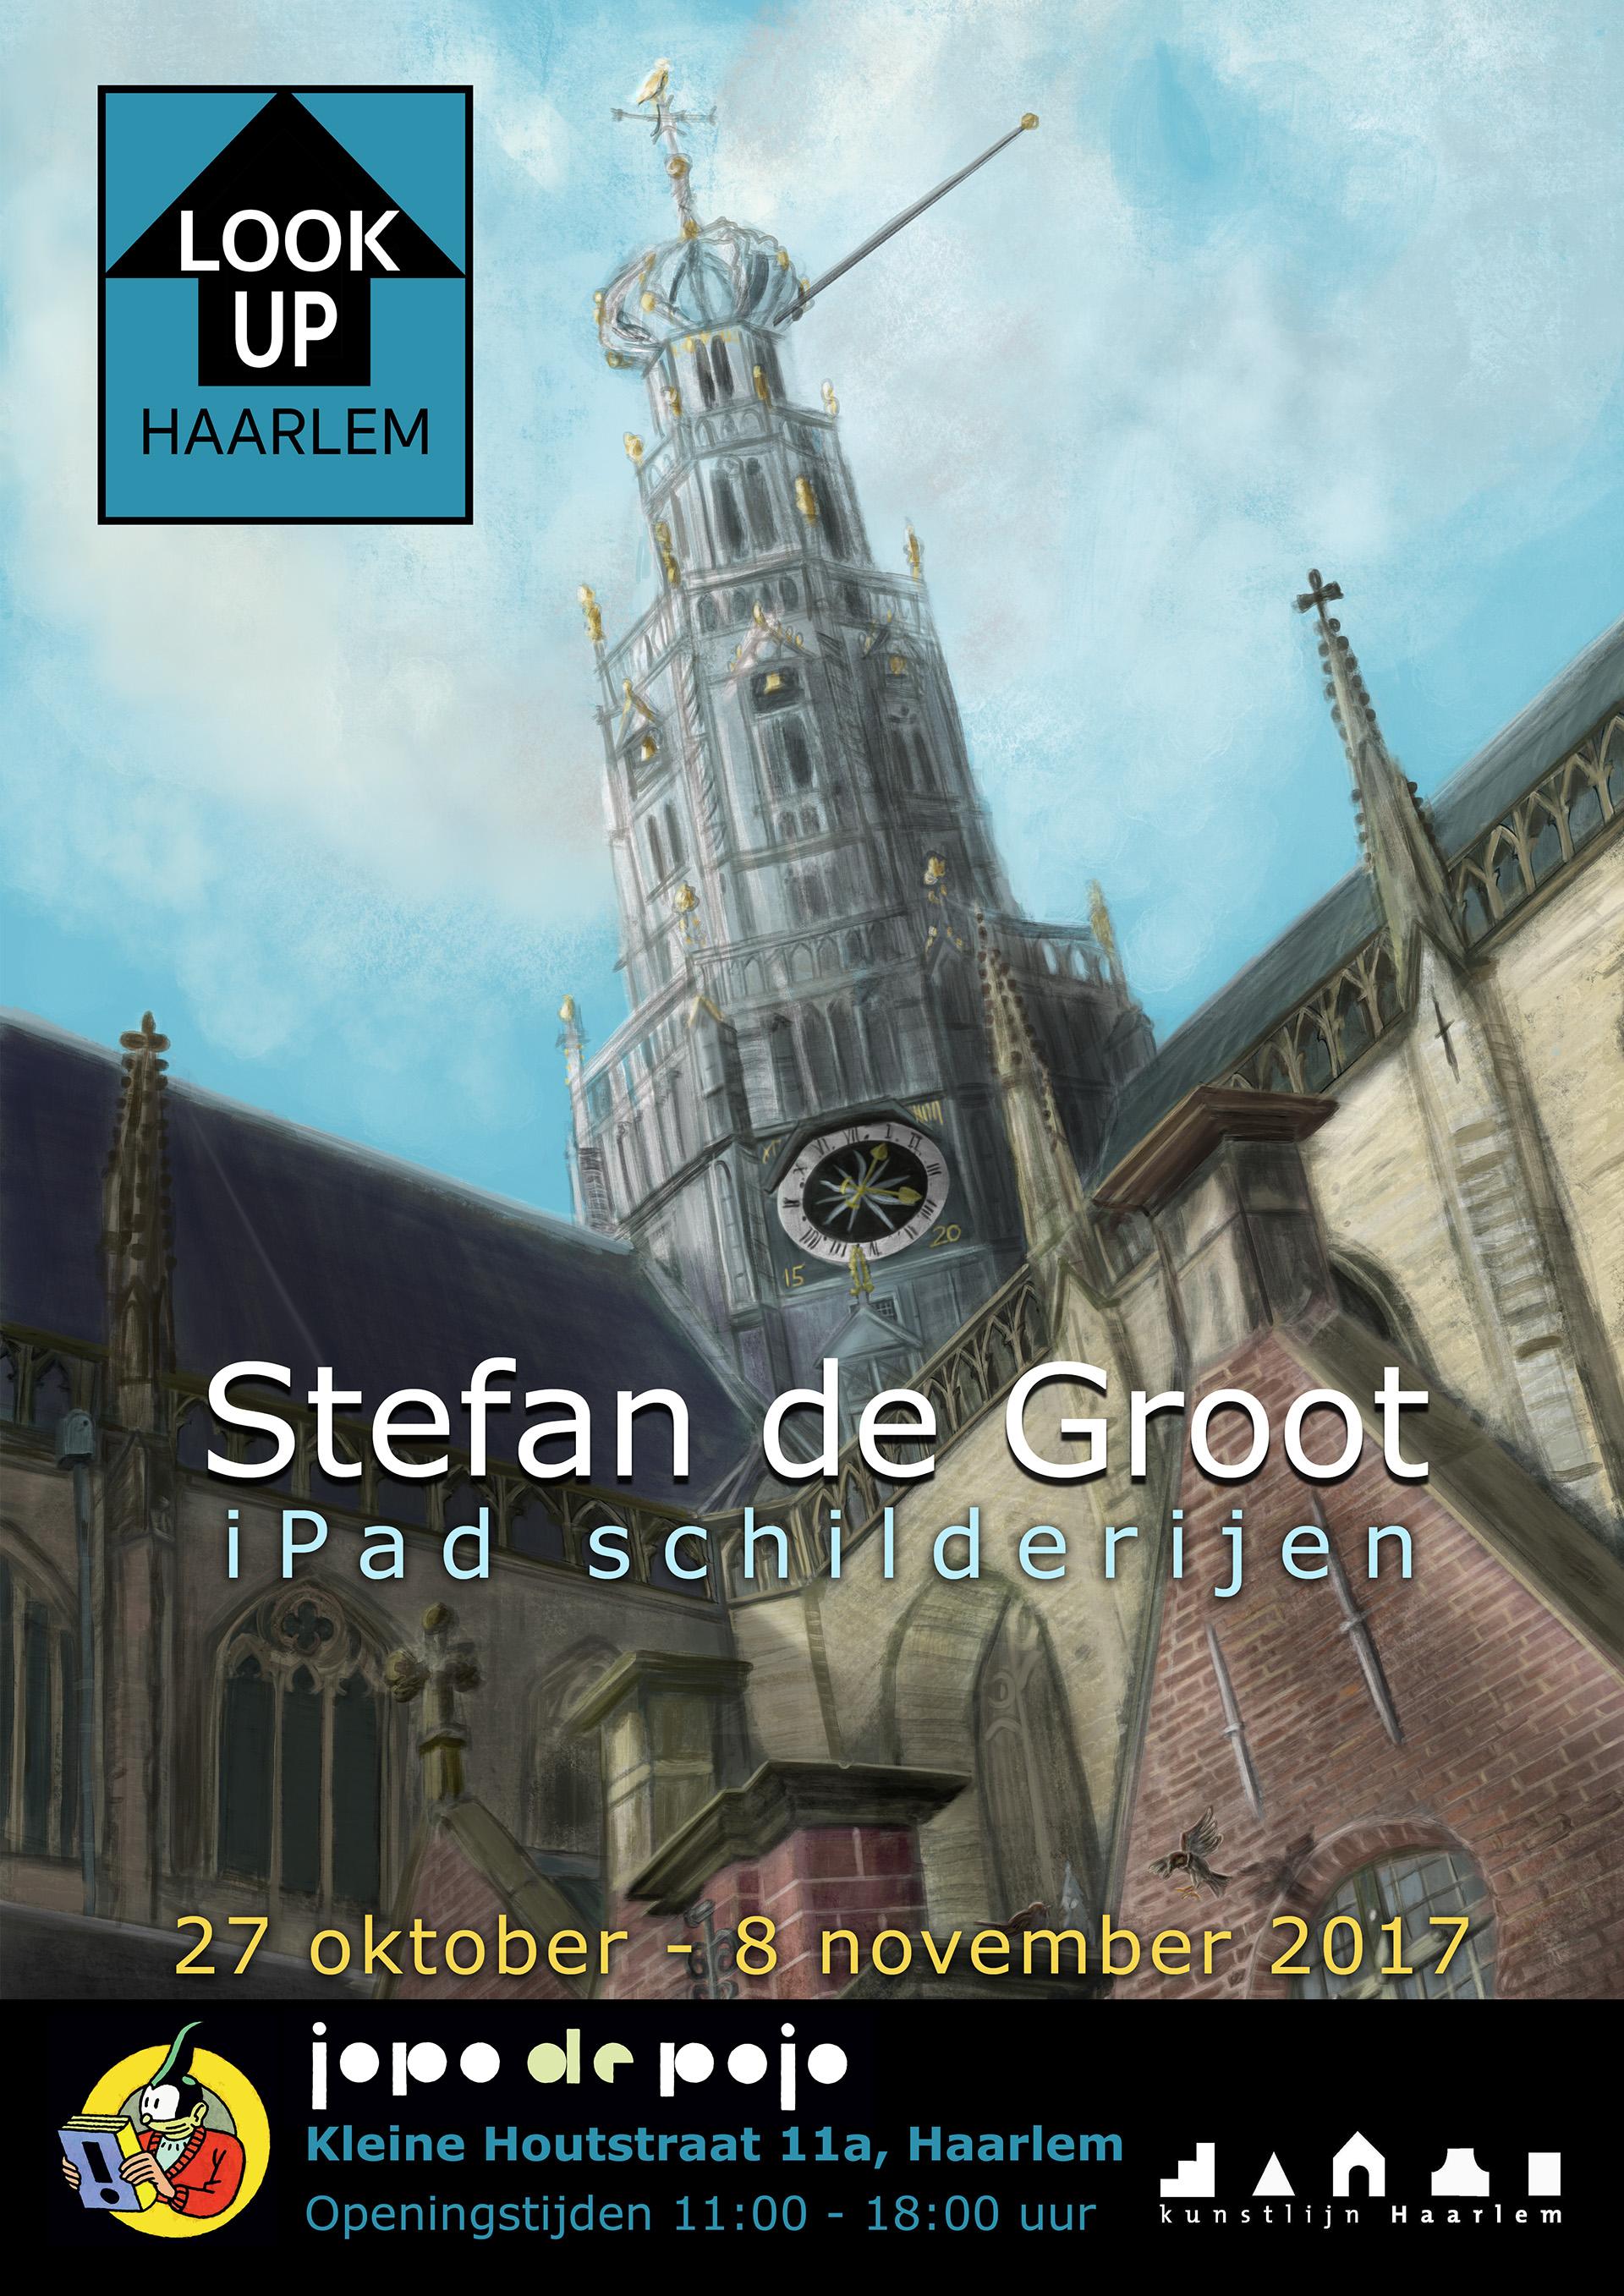 LookUp Haarlem Stefan de Groot iPad Schilderijen Expositie